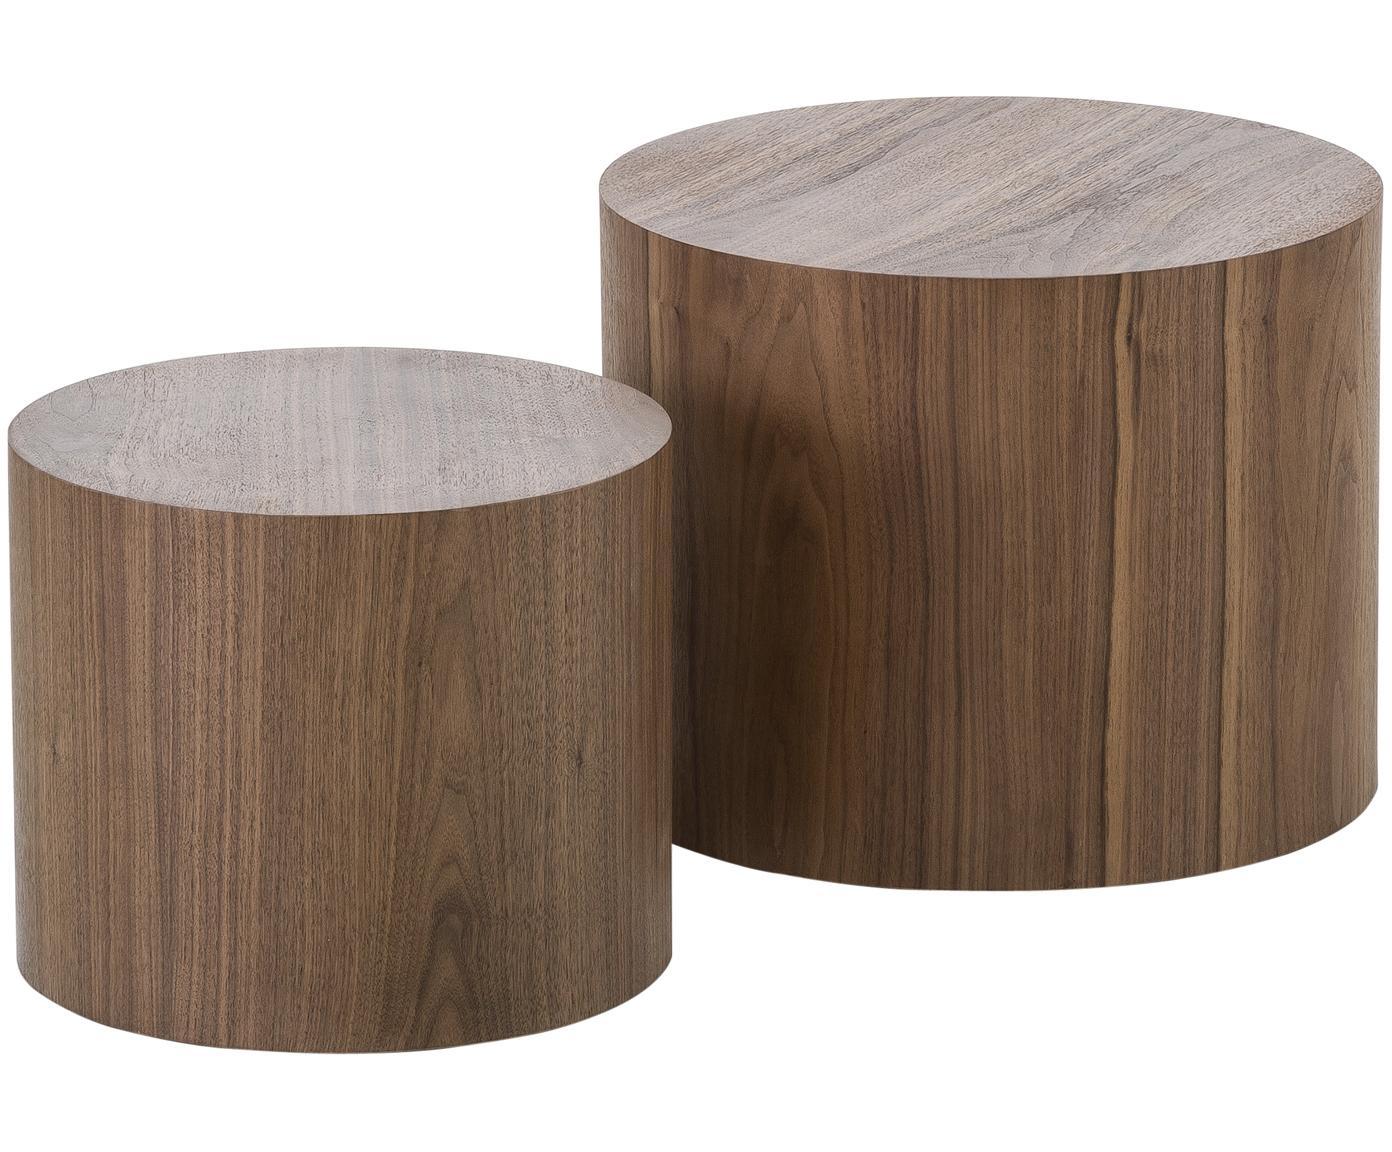 Komplet stolików pomocniczych Dan, 2 elem., Płyta pilśniowa (MDF), fornir z drewna orzechowego, Wygląd drewna orzecha włoskiego, Różne rozmiary